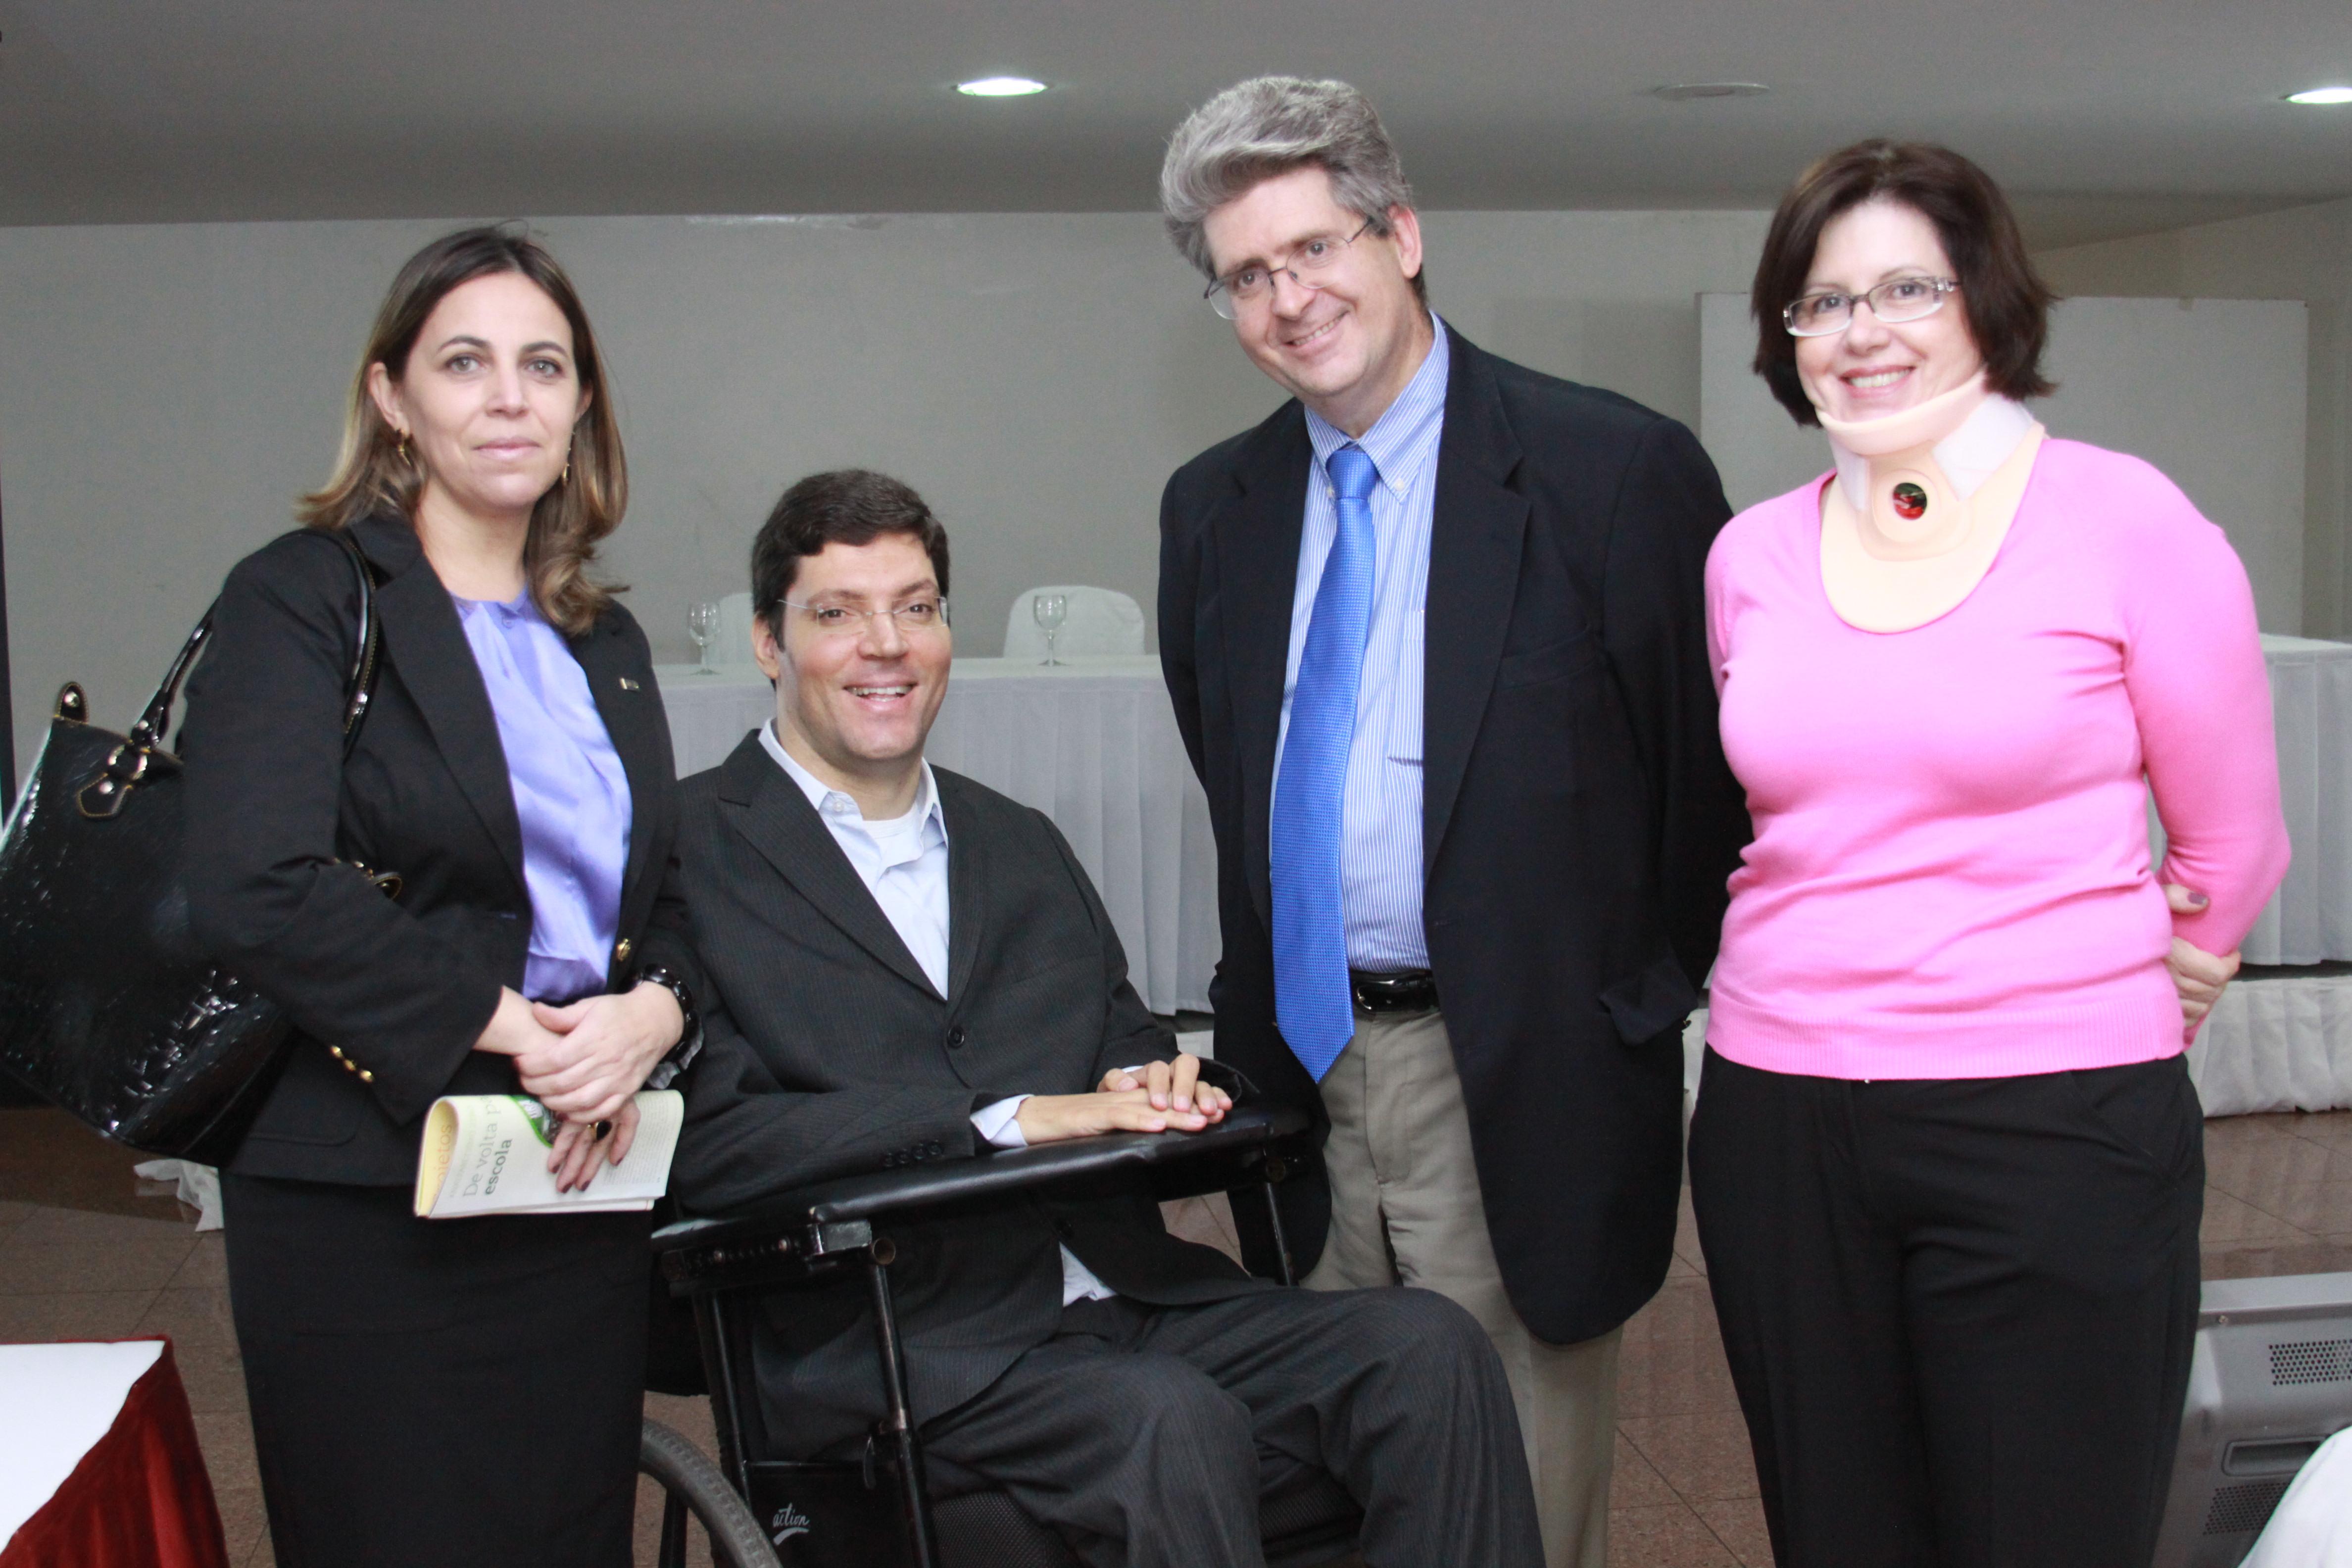 Em destaque, duas mulheres e dois homens em trajes sociais posam lado a lado sorridentes para a foto. Rodrigo está em sua cadeira de rodas e as demais pessoas estão em pé.